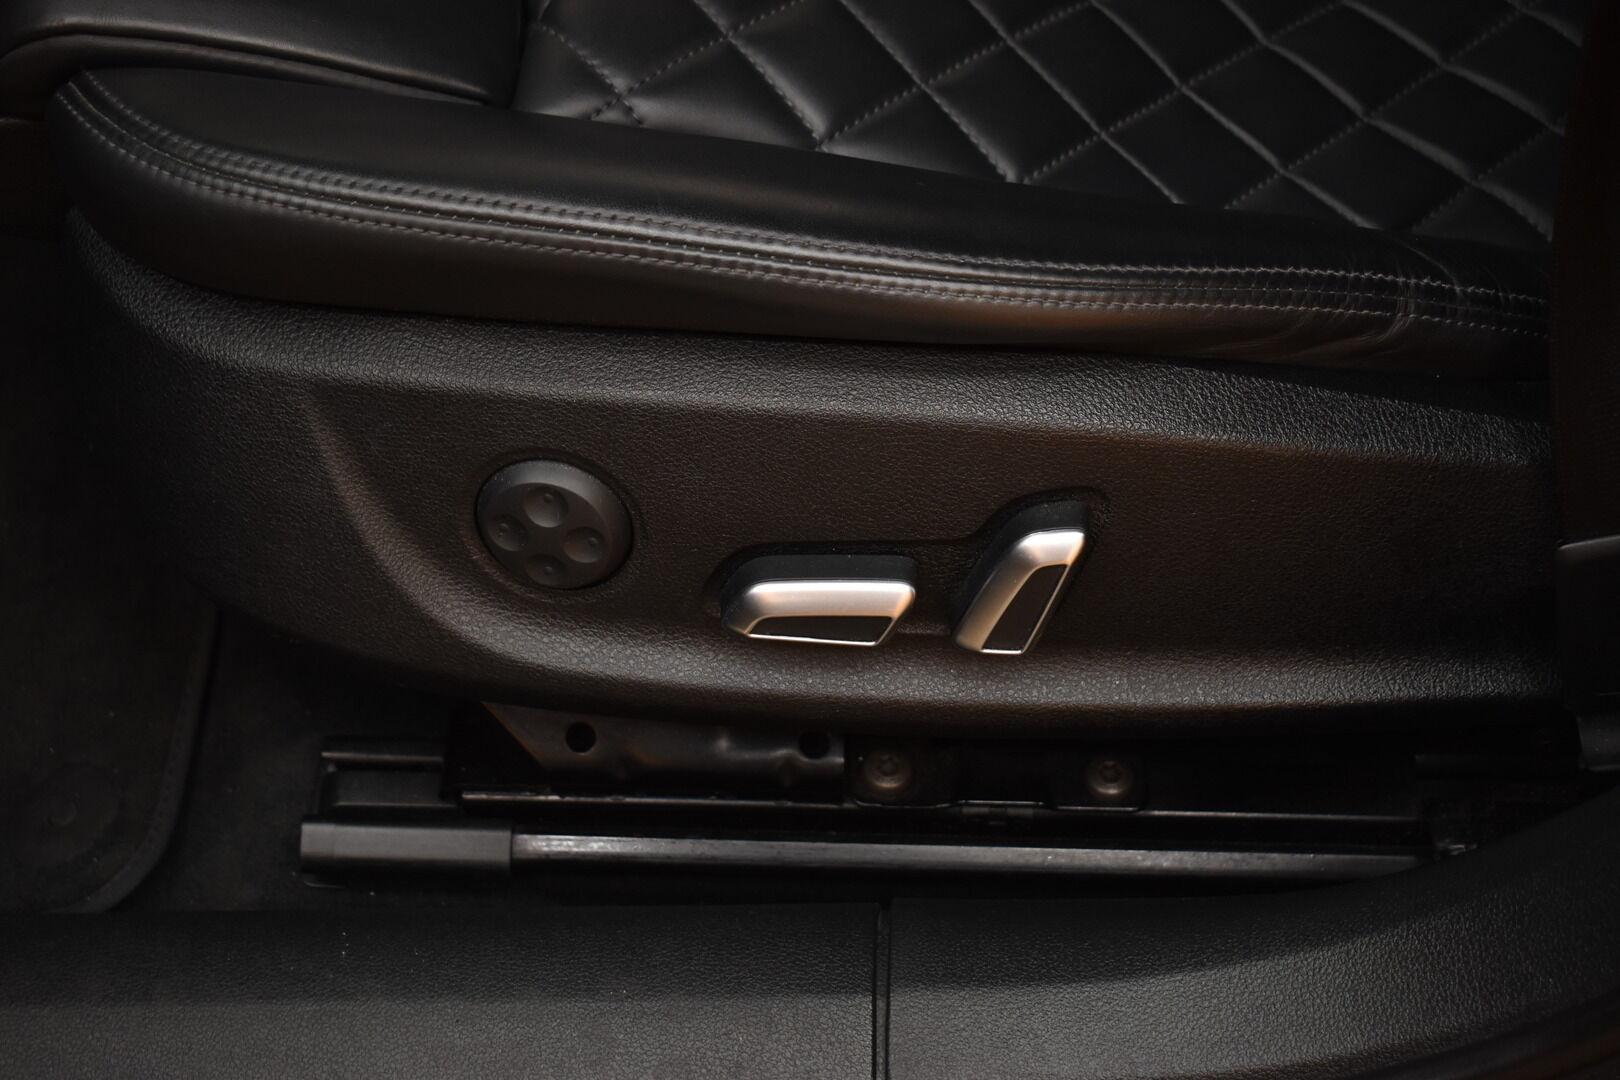 Musta Farmari, Audi A6 – OUL-89168, kuva 28